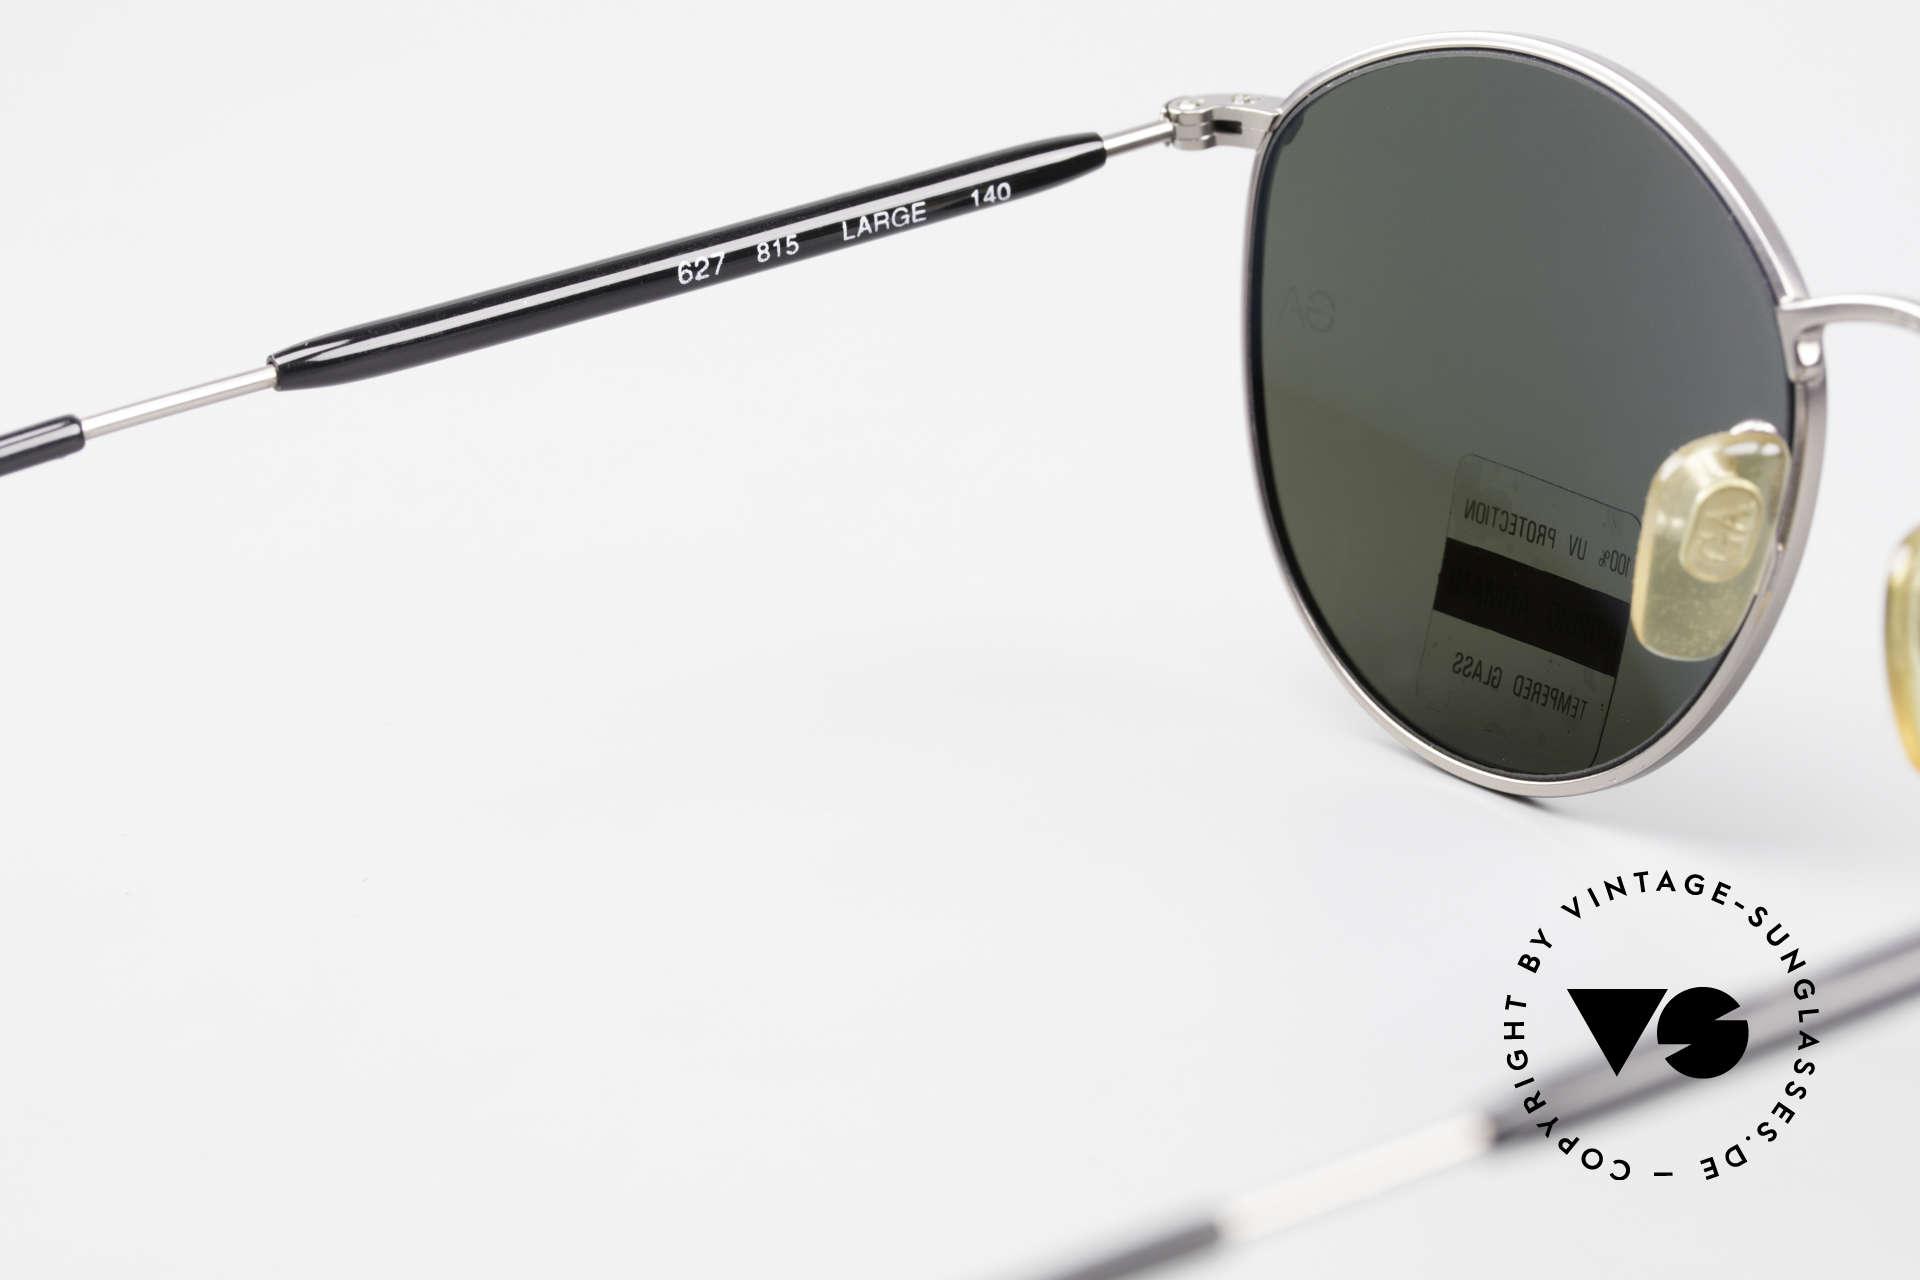 Giorgio Armani 627 Vintage Panto Sonnenbrille, KEINE Retrobrille, sondern ein 90er Jahre Original!, Passend für Herren und Damen